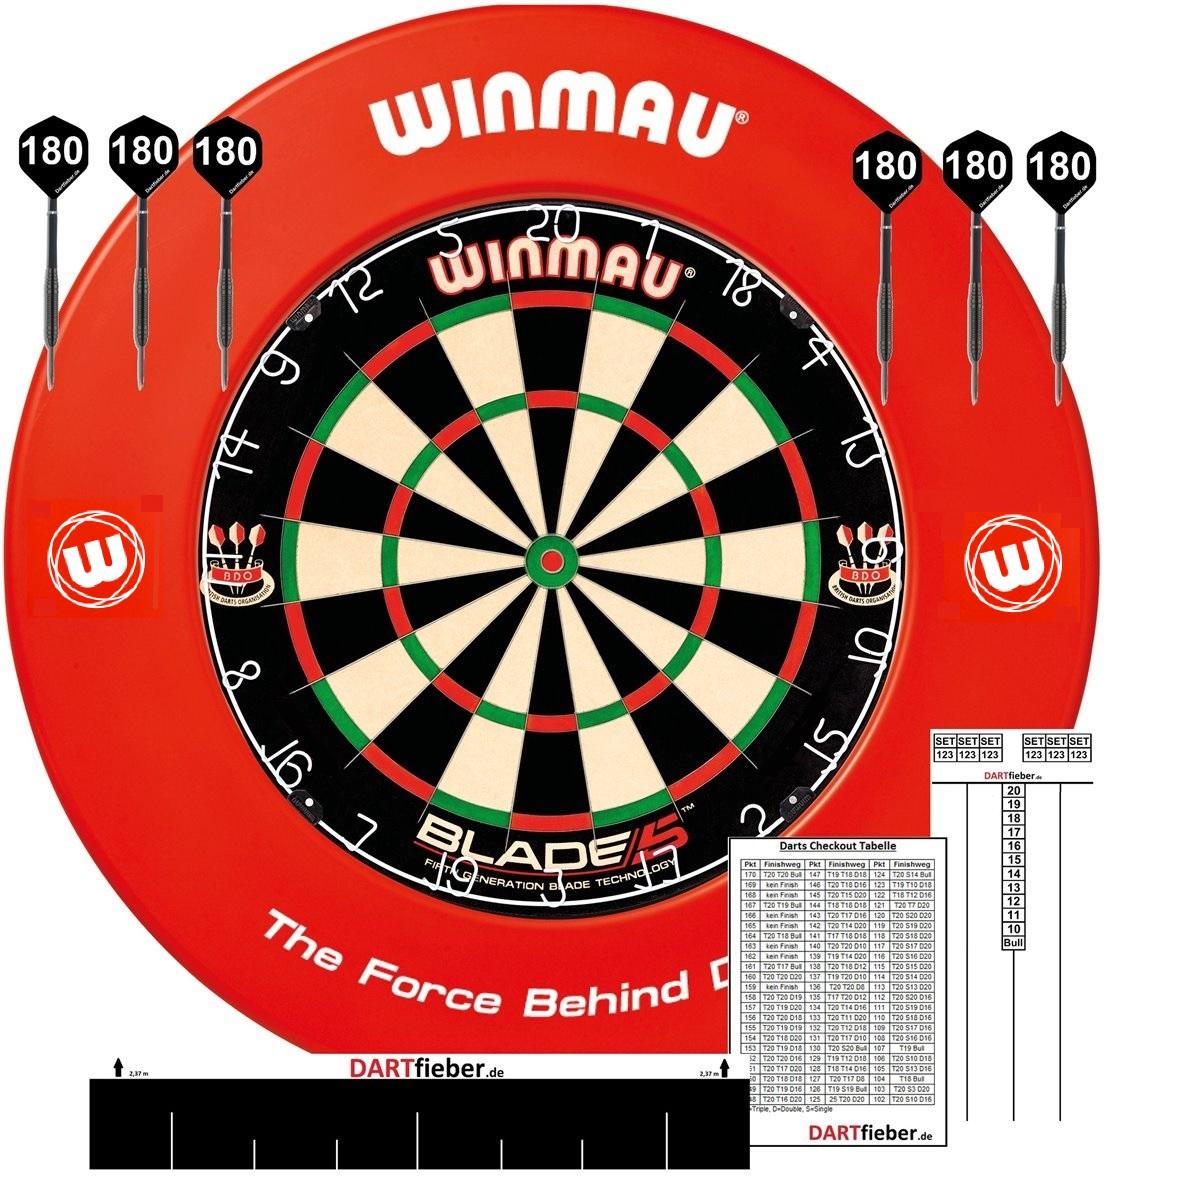 Winmau Surround Wandschutz!! Neu Bristle Sisal Dartscheibe Winmau Blade 5 inkl